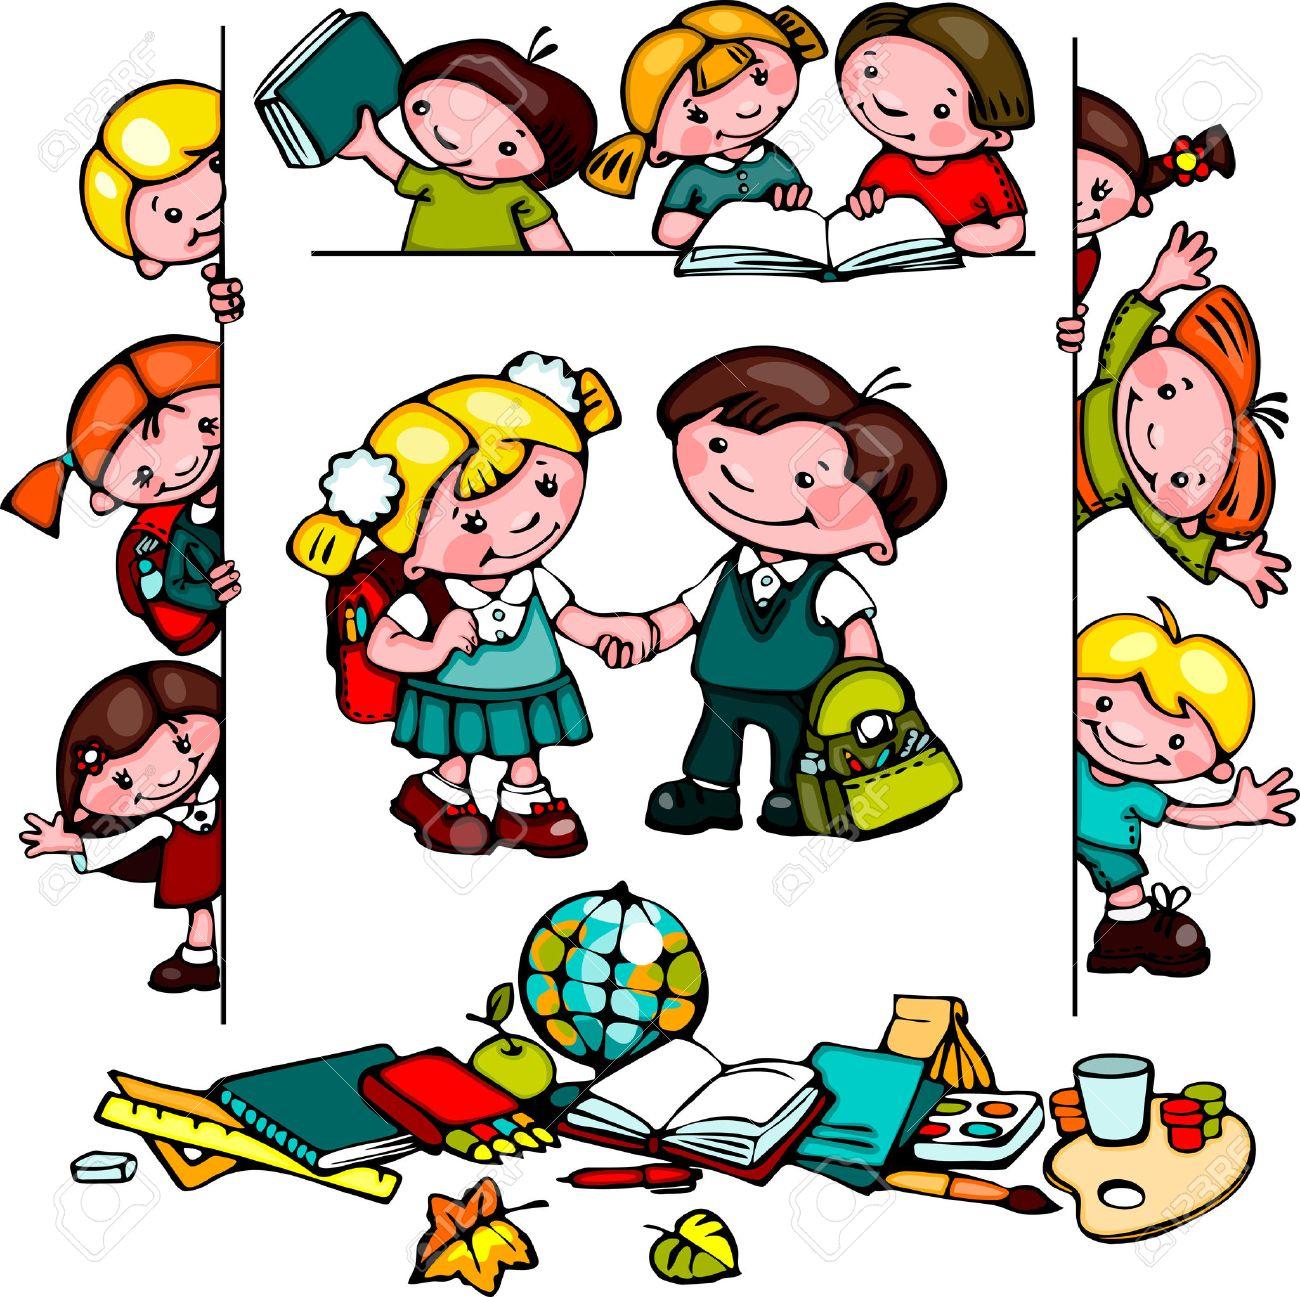 kids school set. - 23161113